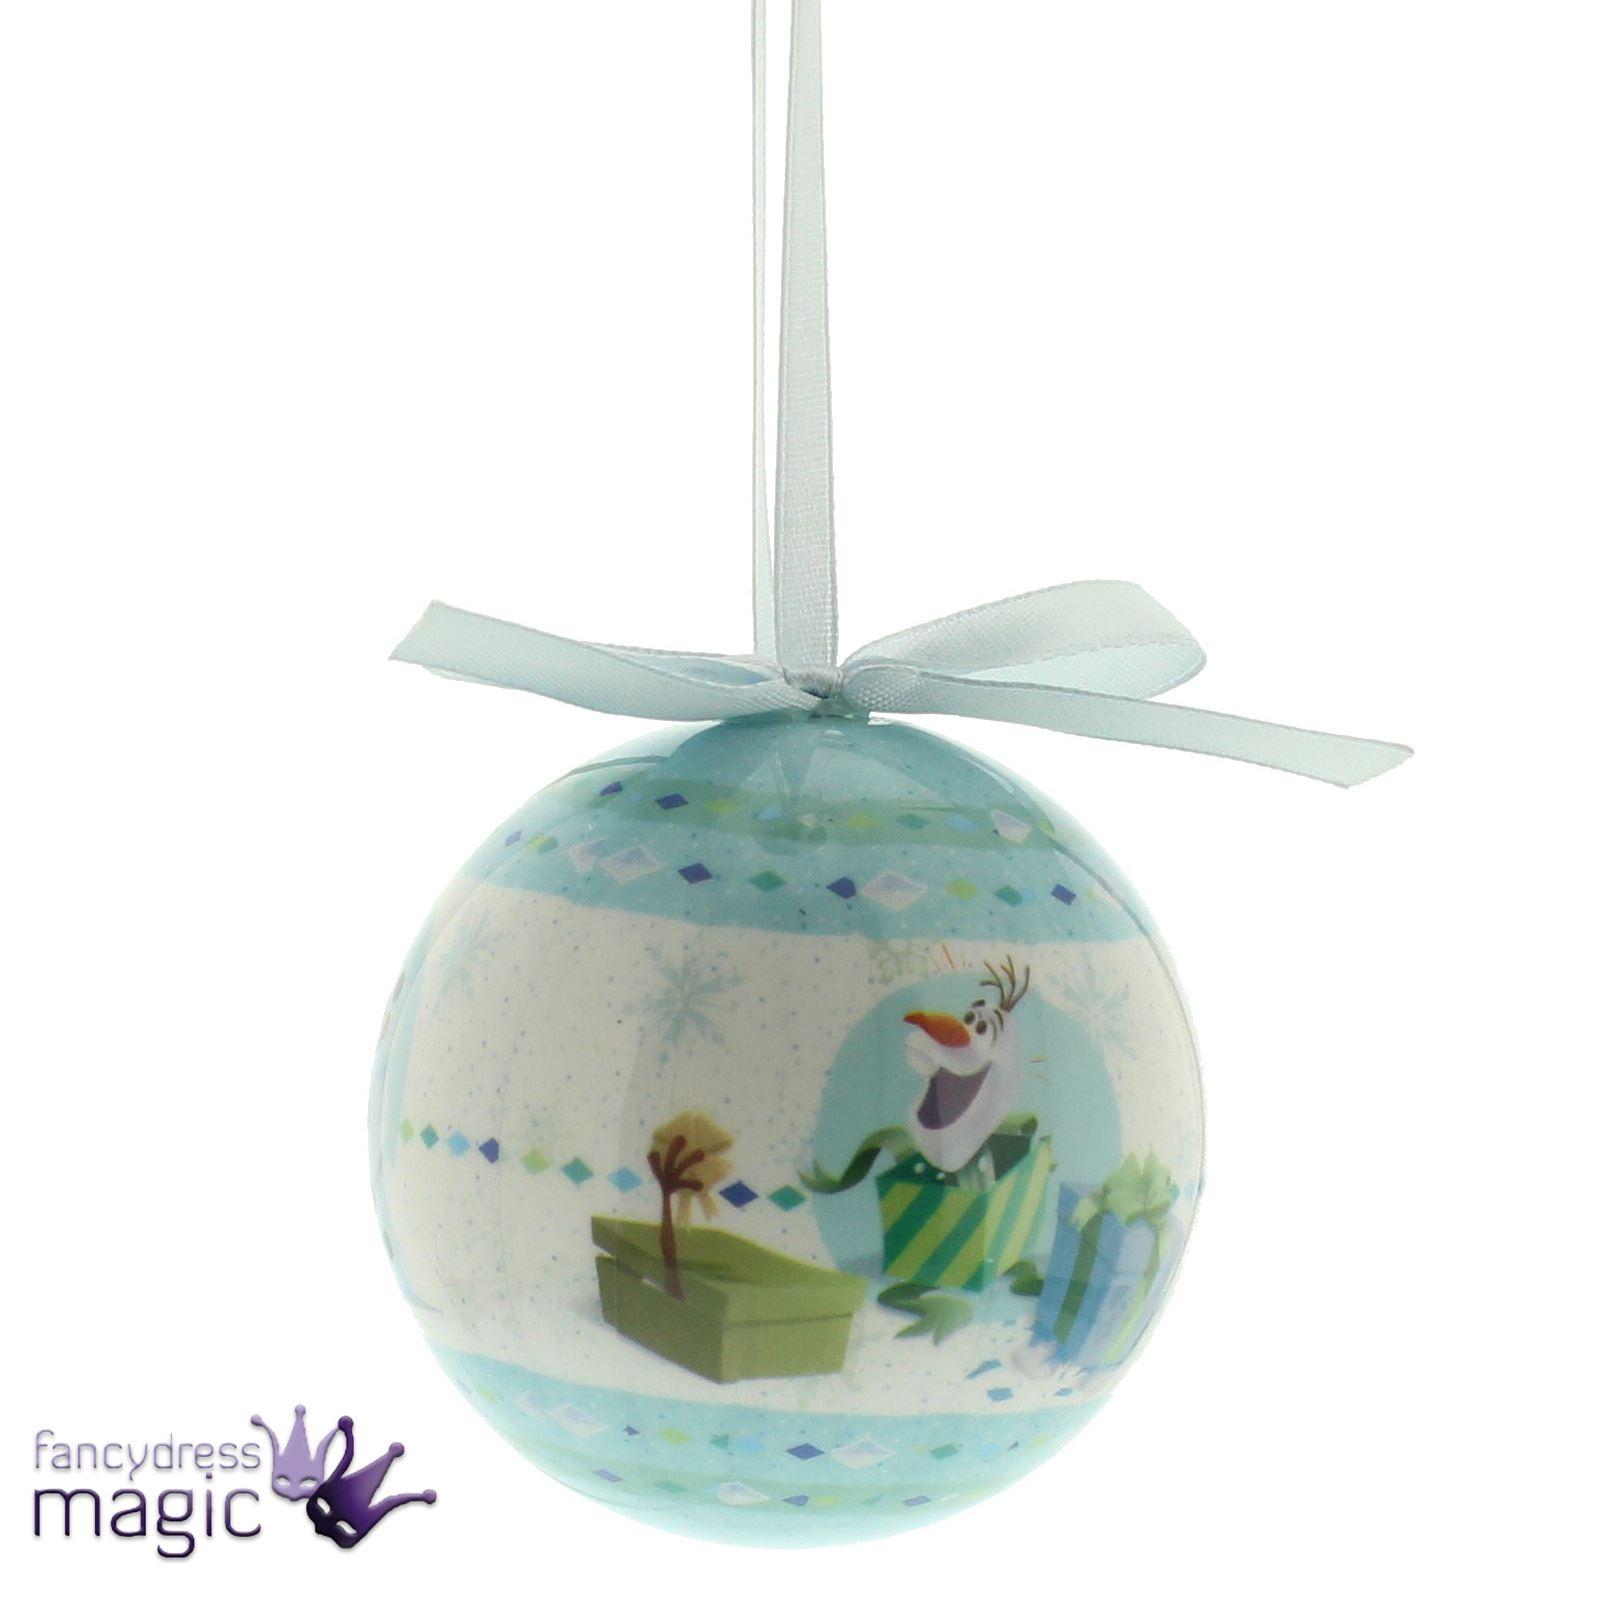 #3A6542 Disney Frozen Decoupage 7cm Christmas Xmas Tree Hanging  6365 décoration noel découpage 1600x1600 px @ aertt.com